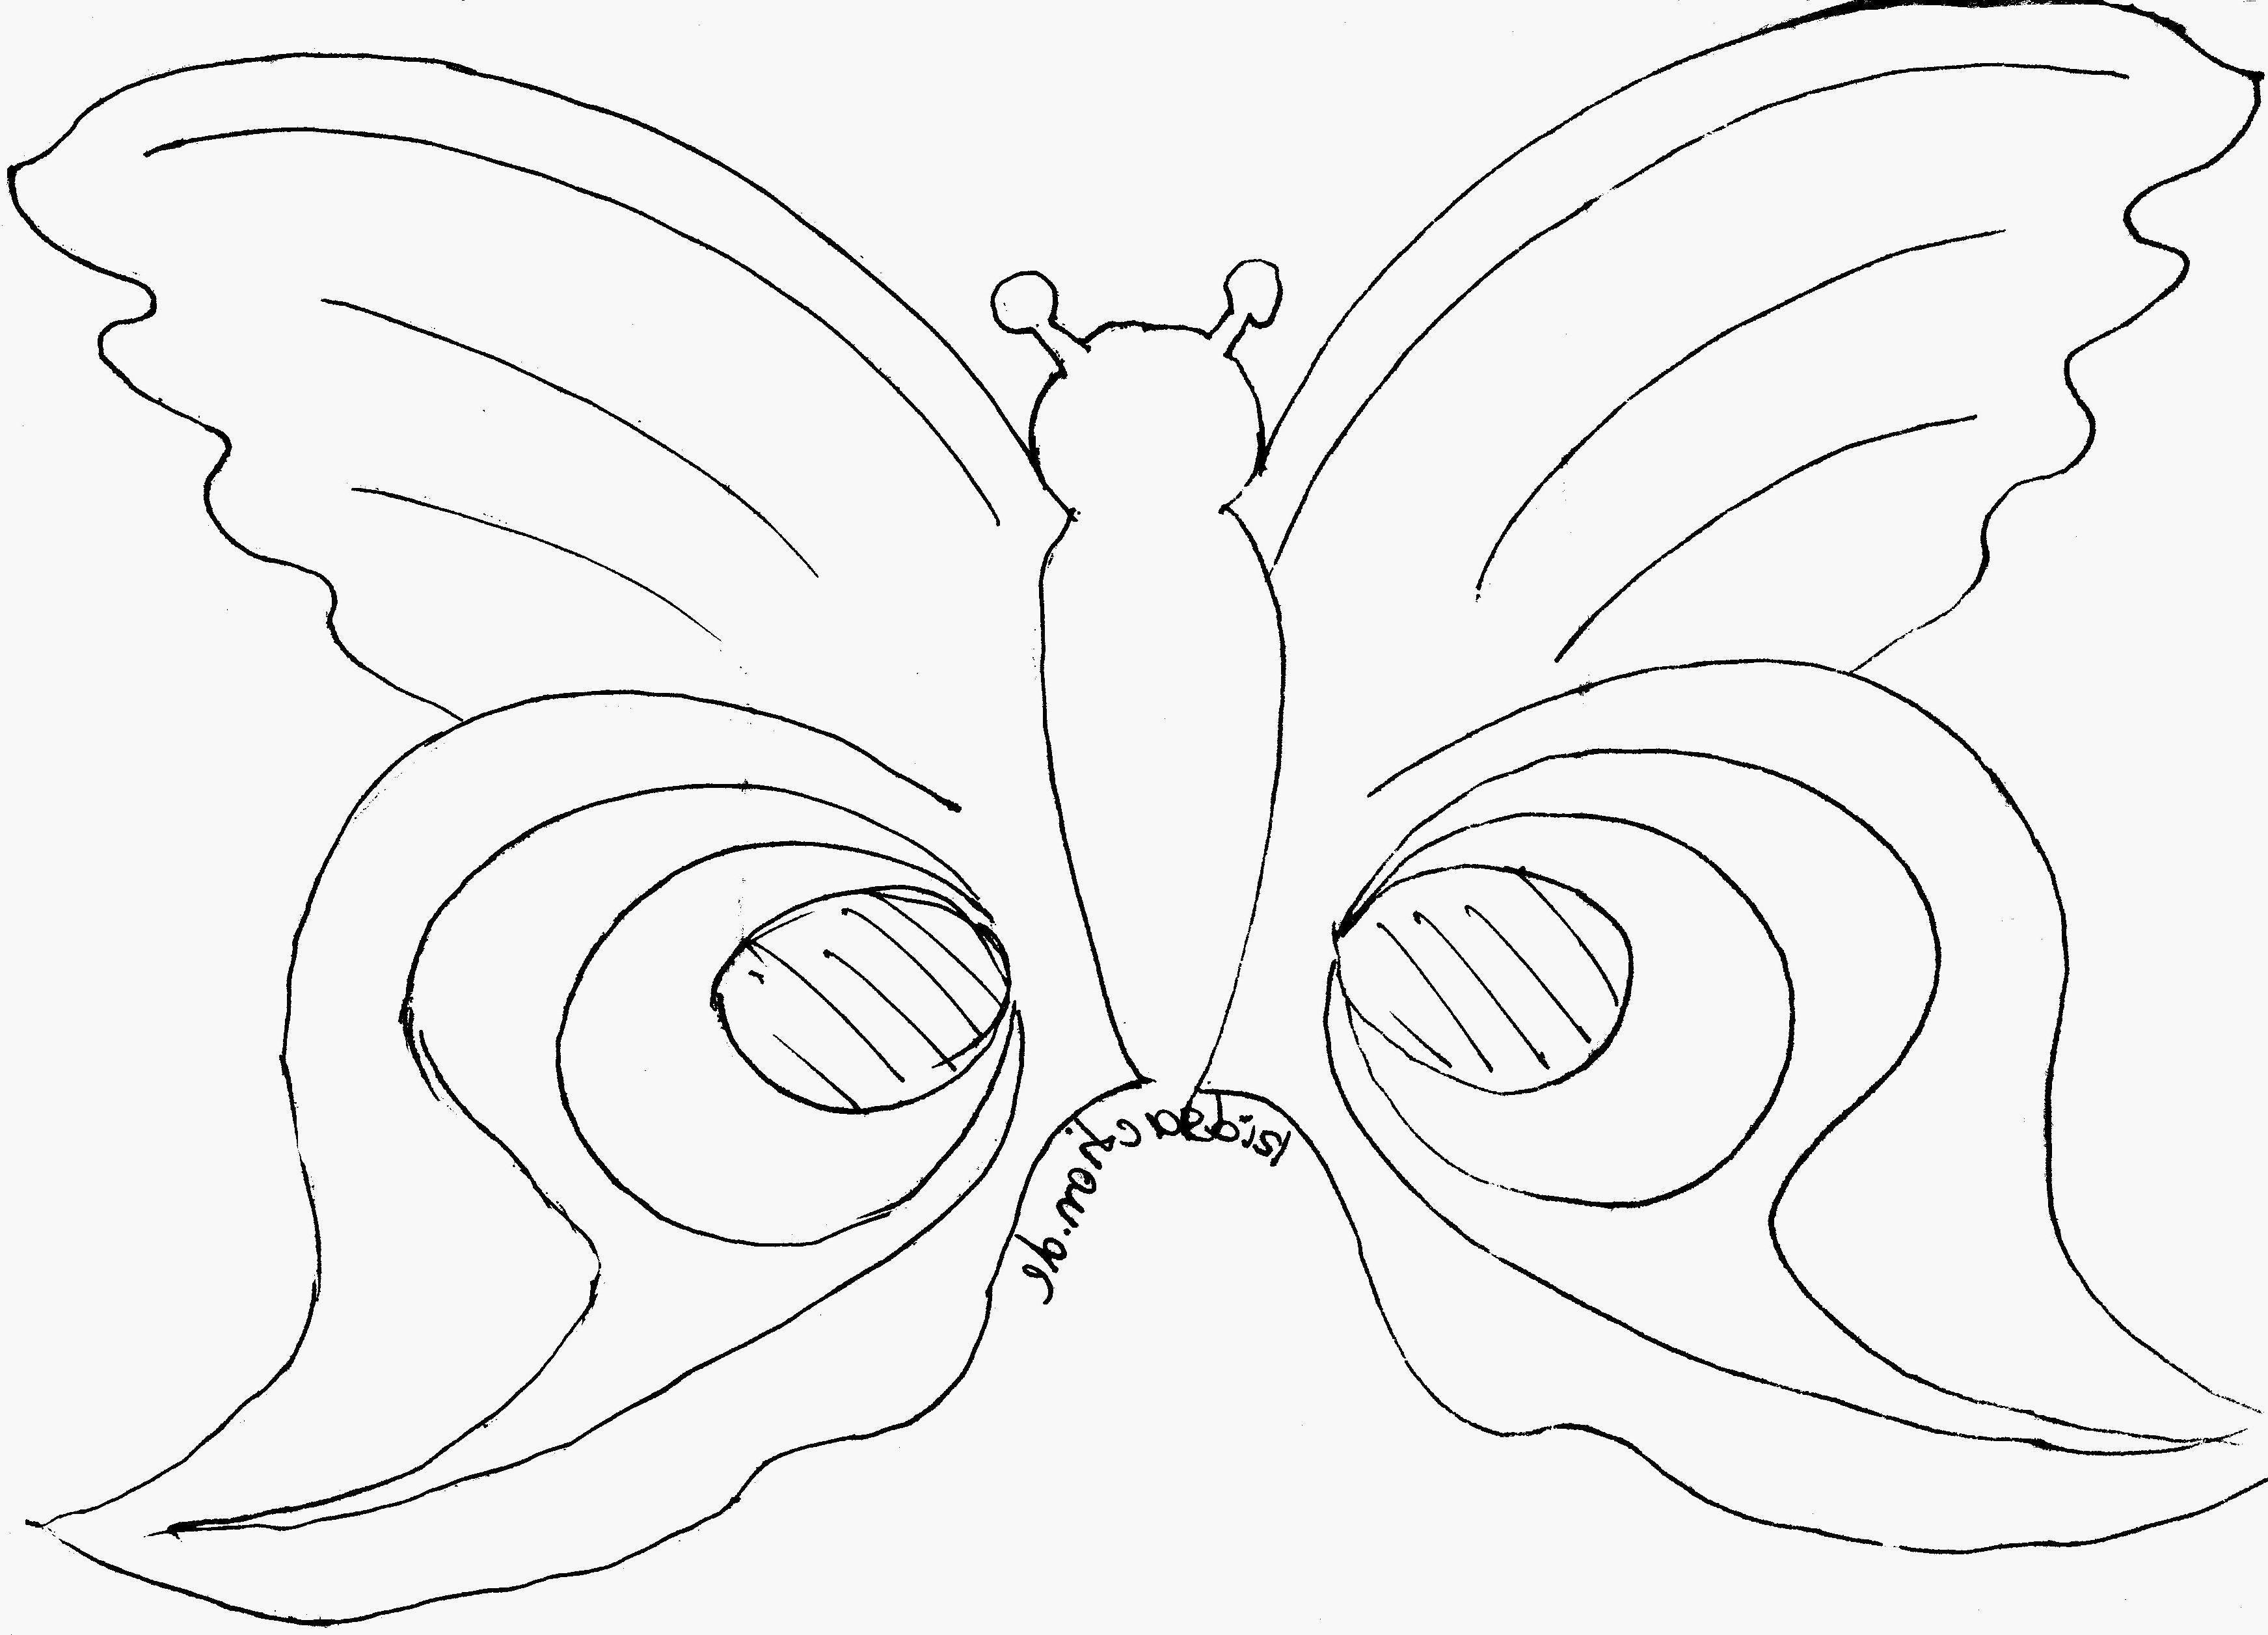 Schmetterling Bilder Zum Ausmalen Einzigartig 22 Einzigartig Schmetterling Zum Ausmalen – Malvorlagen Ideen Fotos